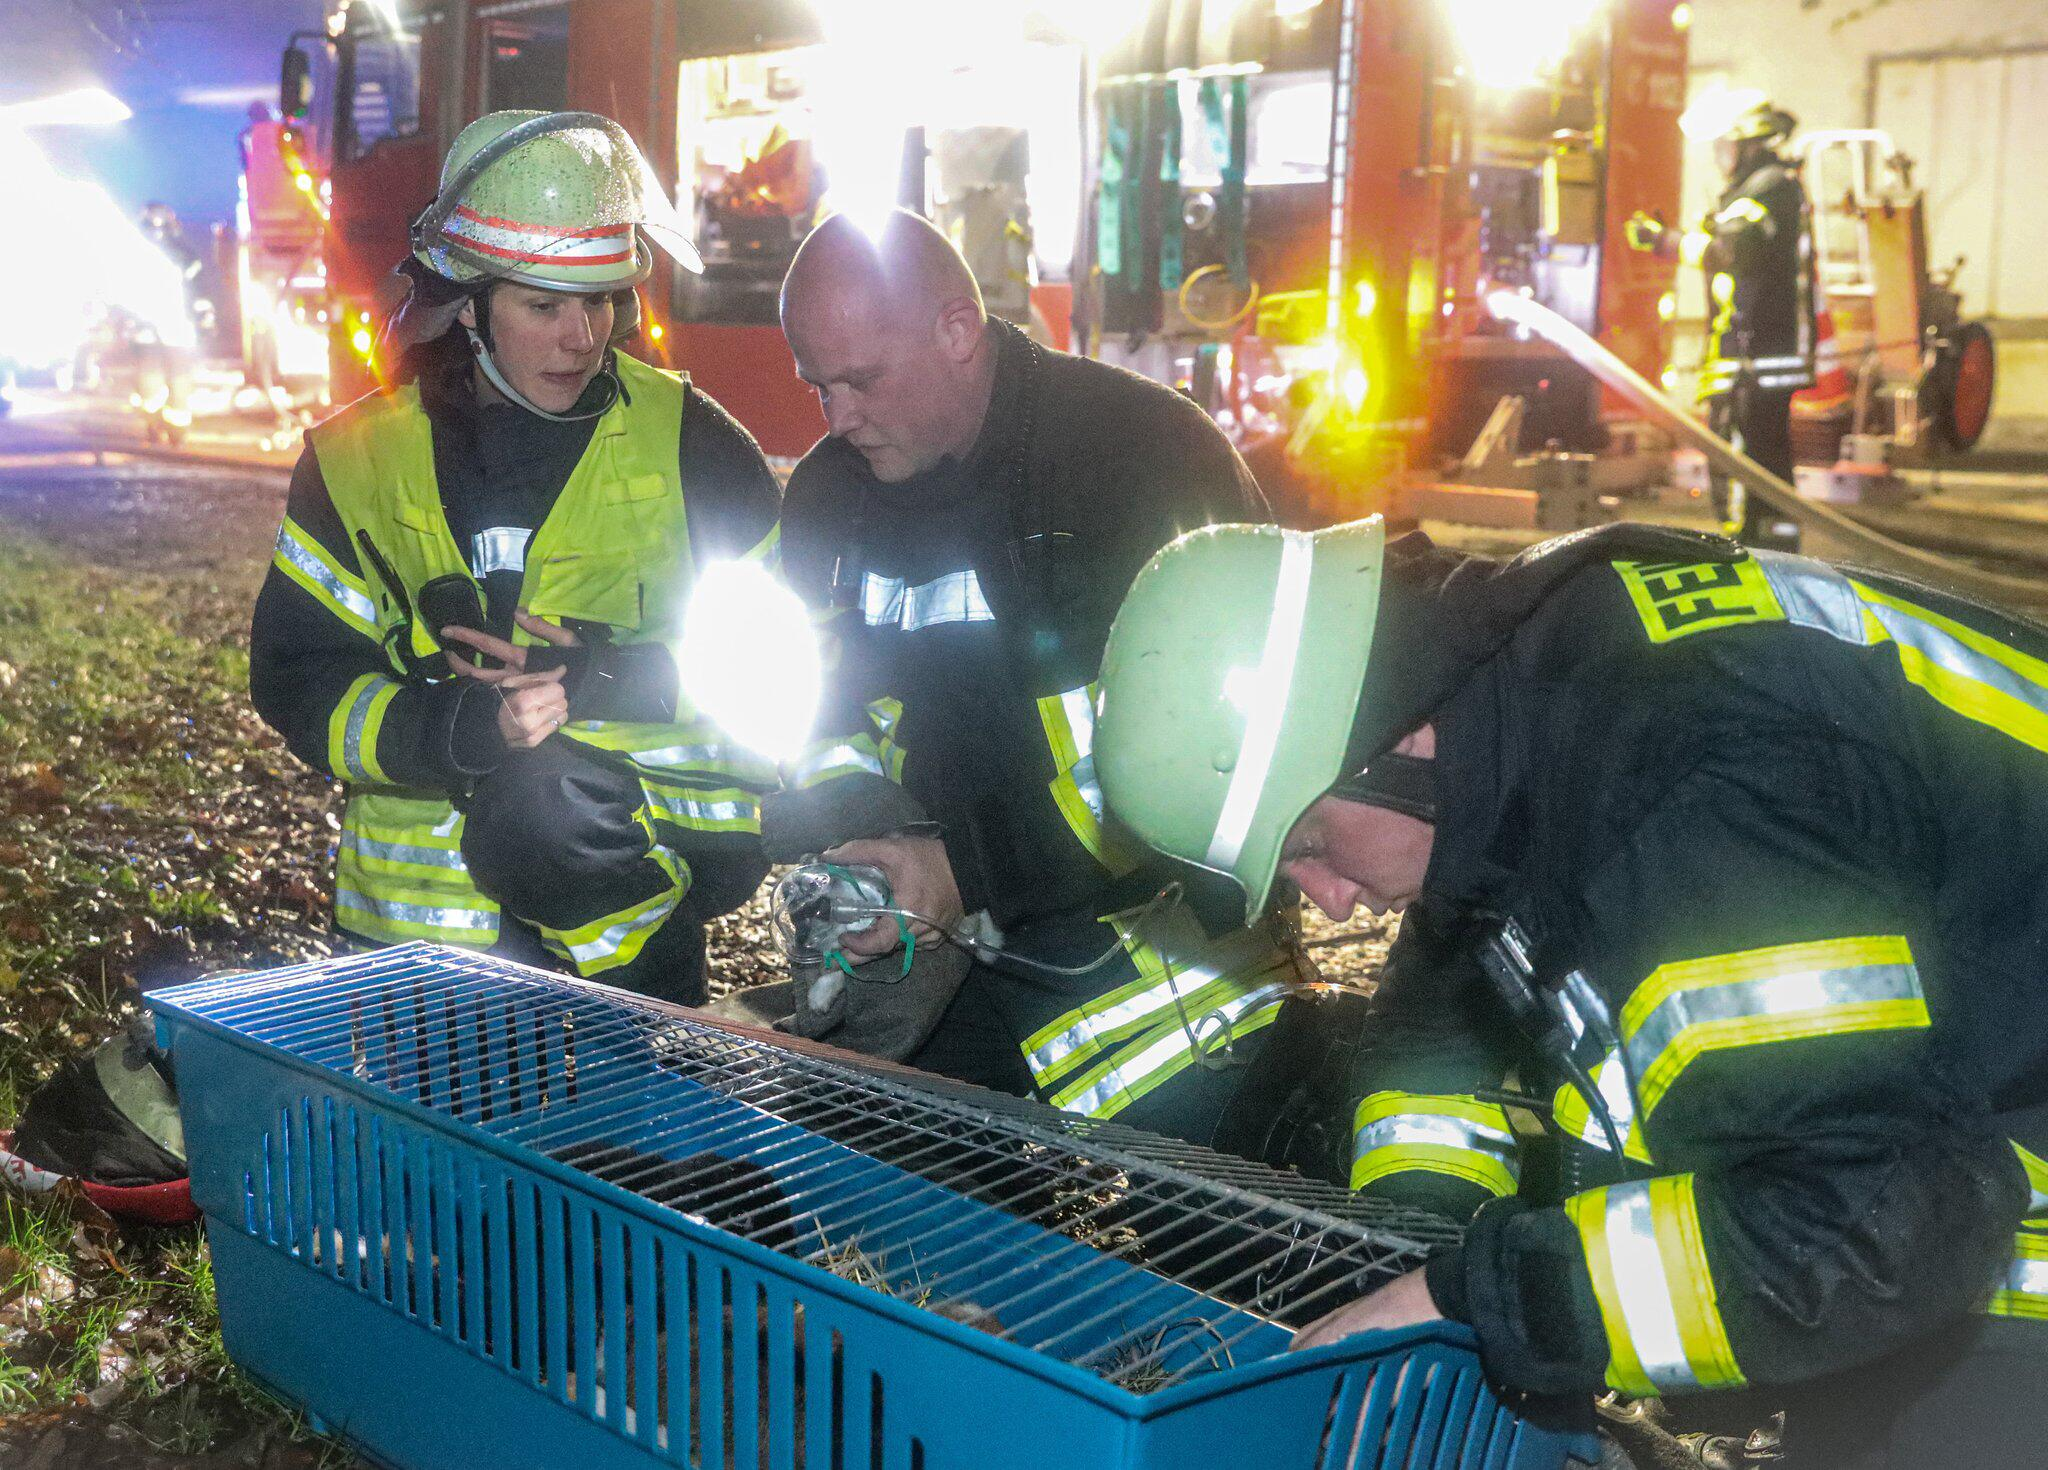 Bild zu Feuerwehr, Remscheid, Zoohandlung